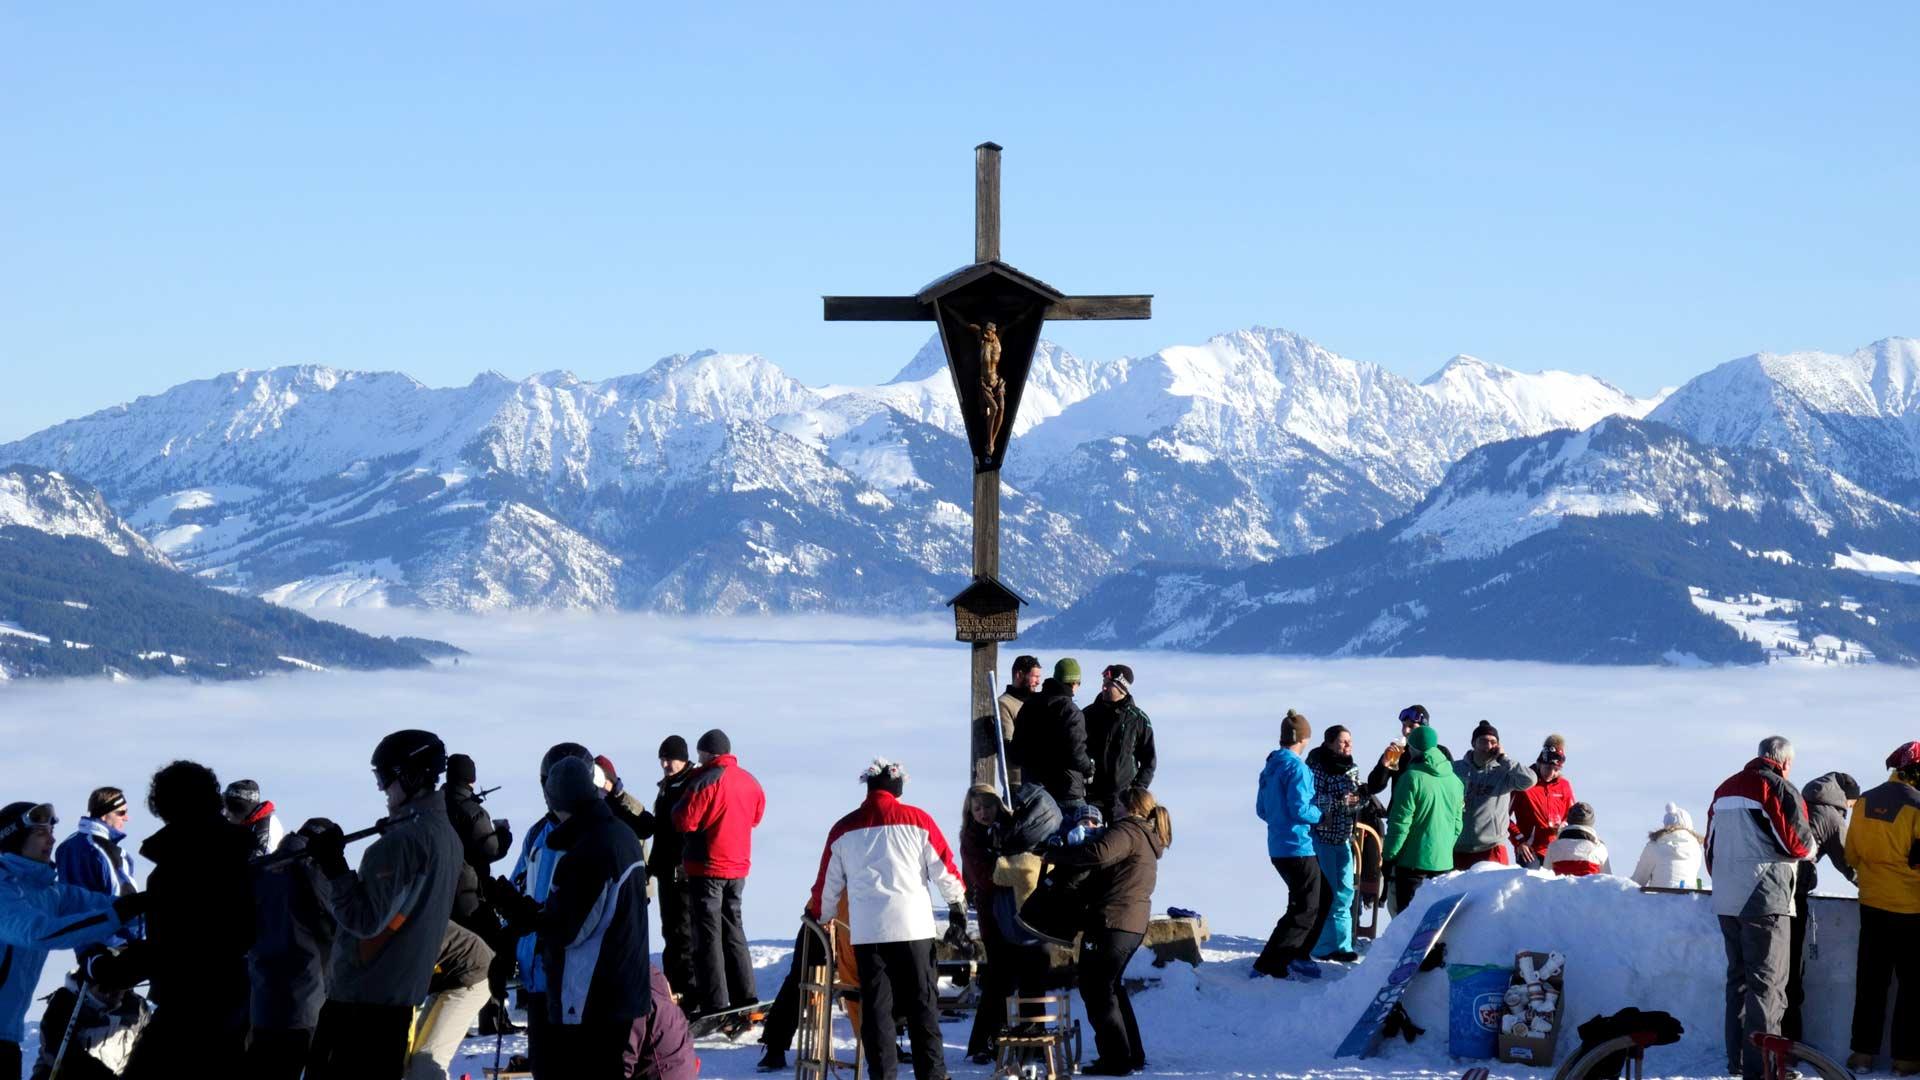 Schneehöhen Tegelberg - Schwangau - Neuschneefall & Berichte